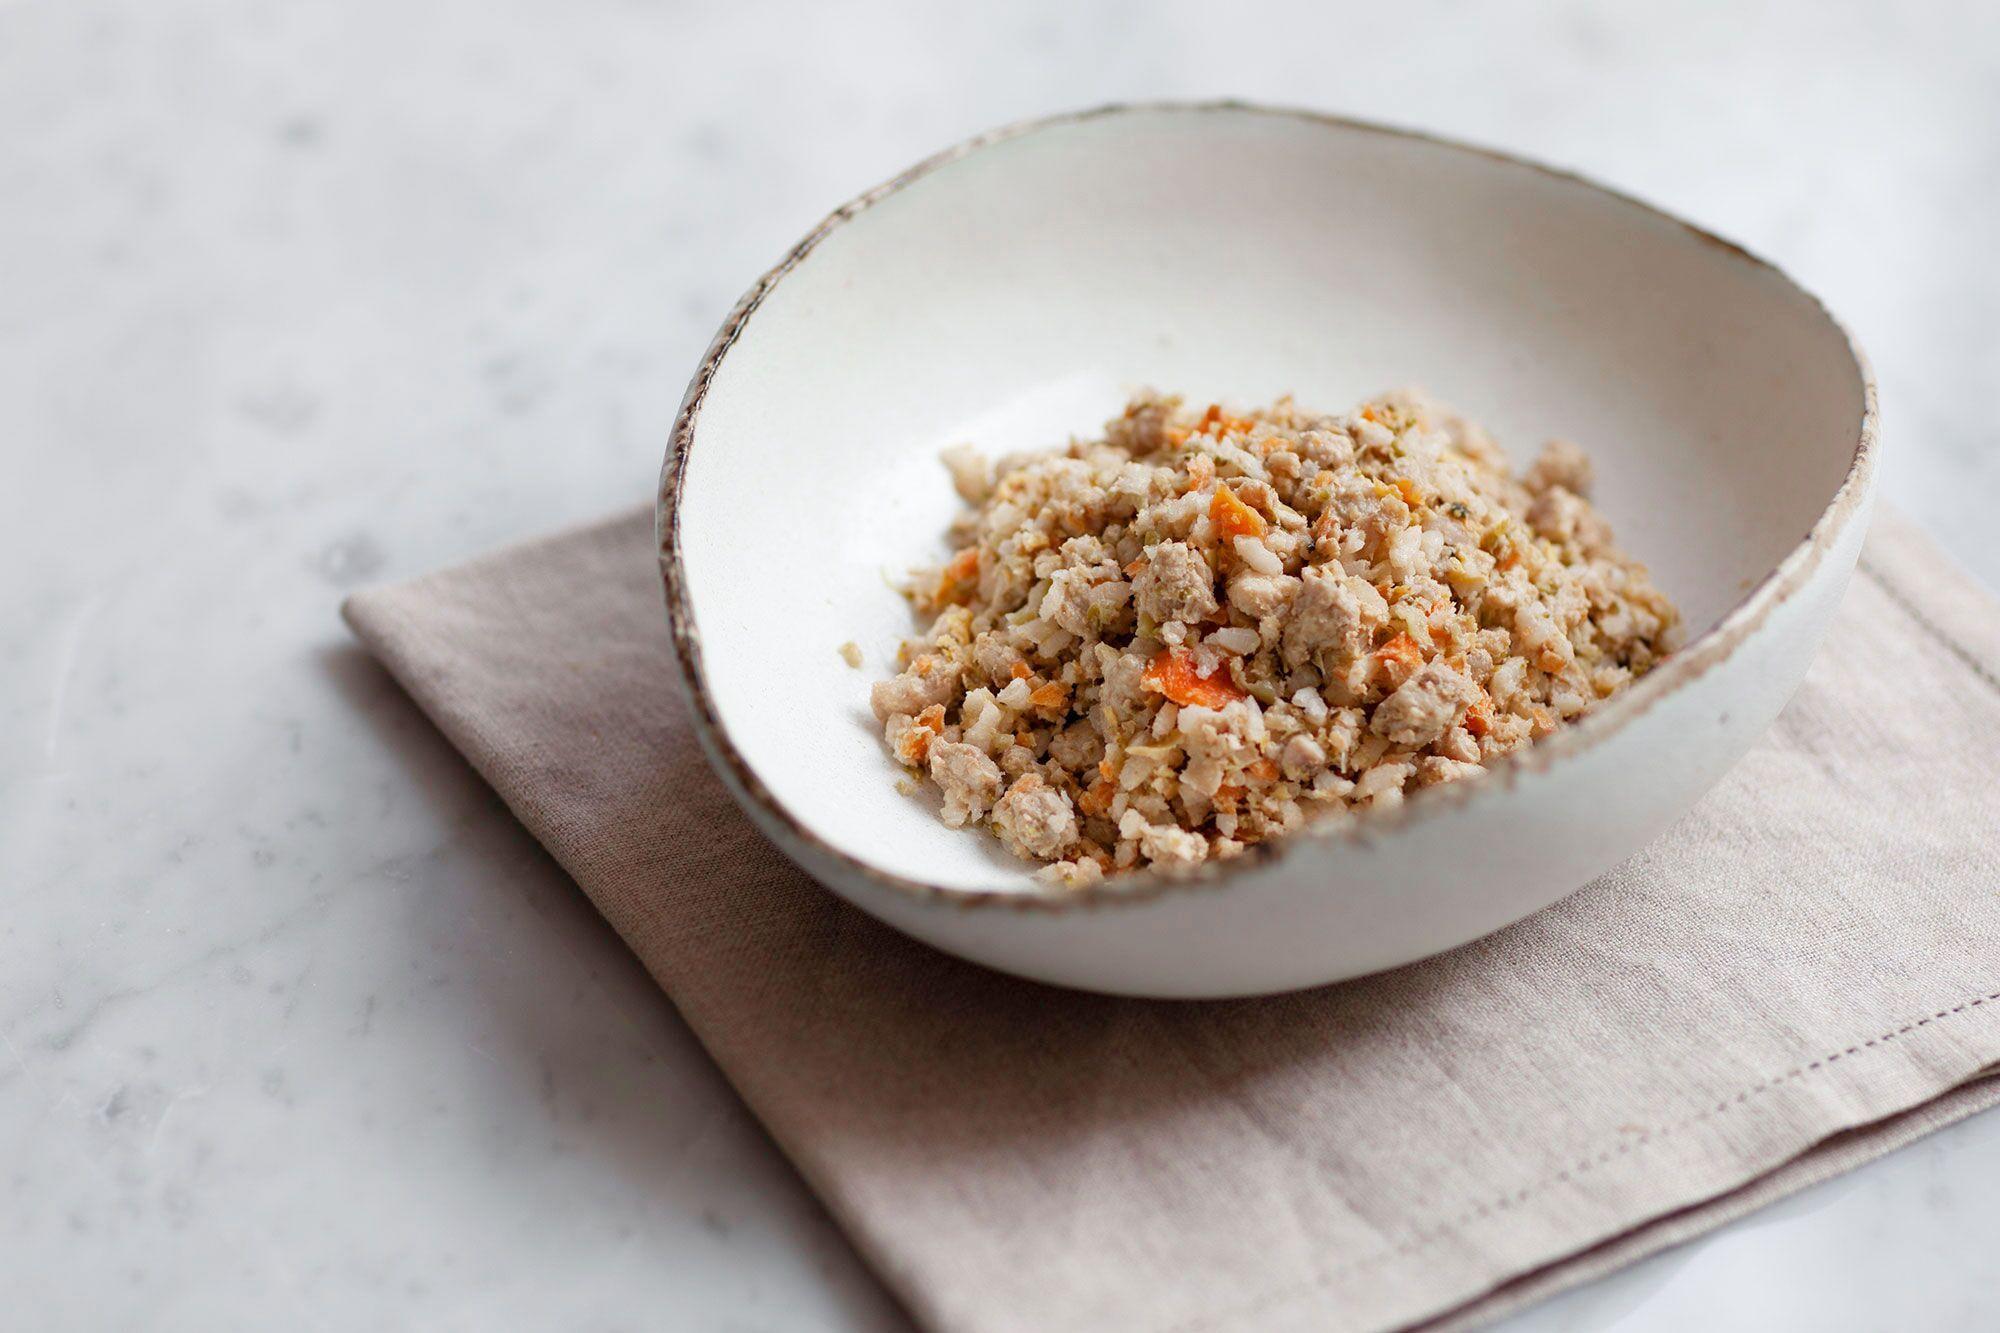 ビーフやチキンなど、メインとなる食材に野菜や果物を組み合わせたフード。40度のお湯で温めて与える。